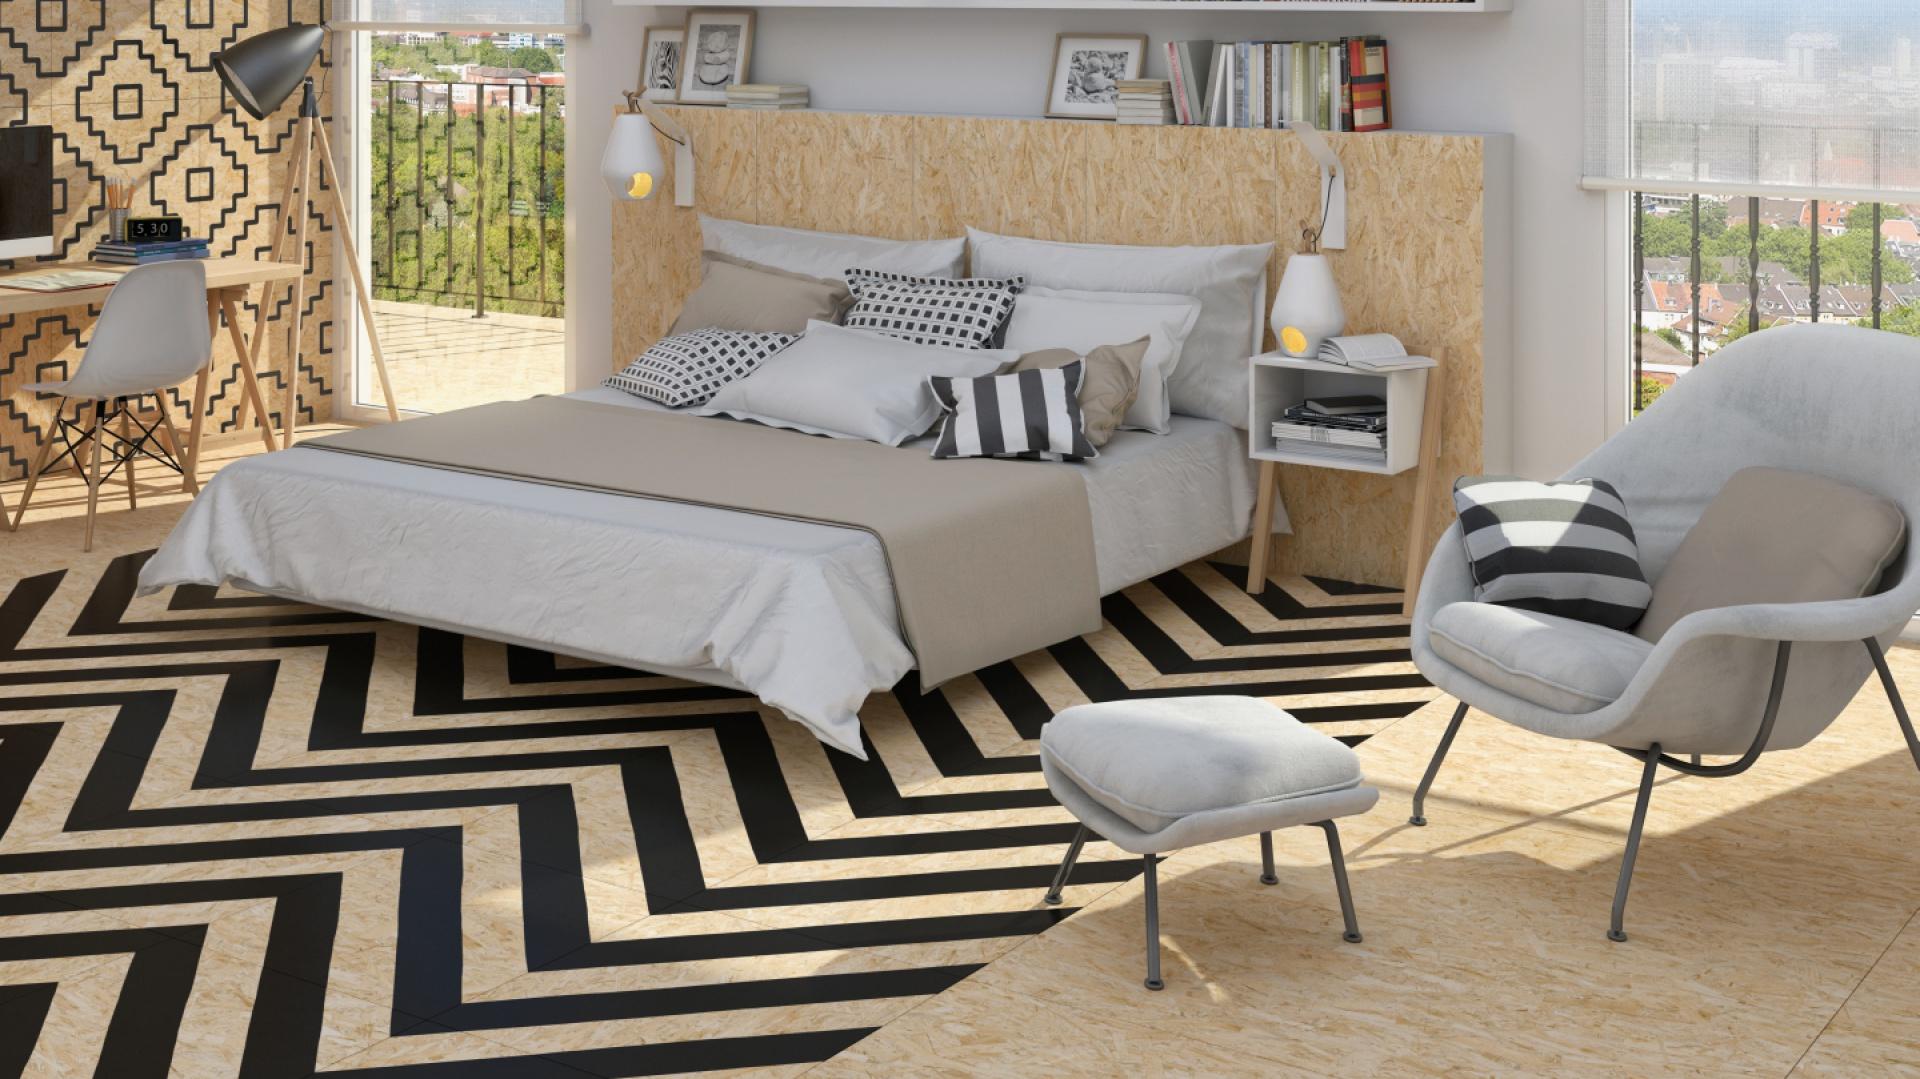 Aranżacja Sypialni Zobaczcie Piękne Dekoracje łóżka